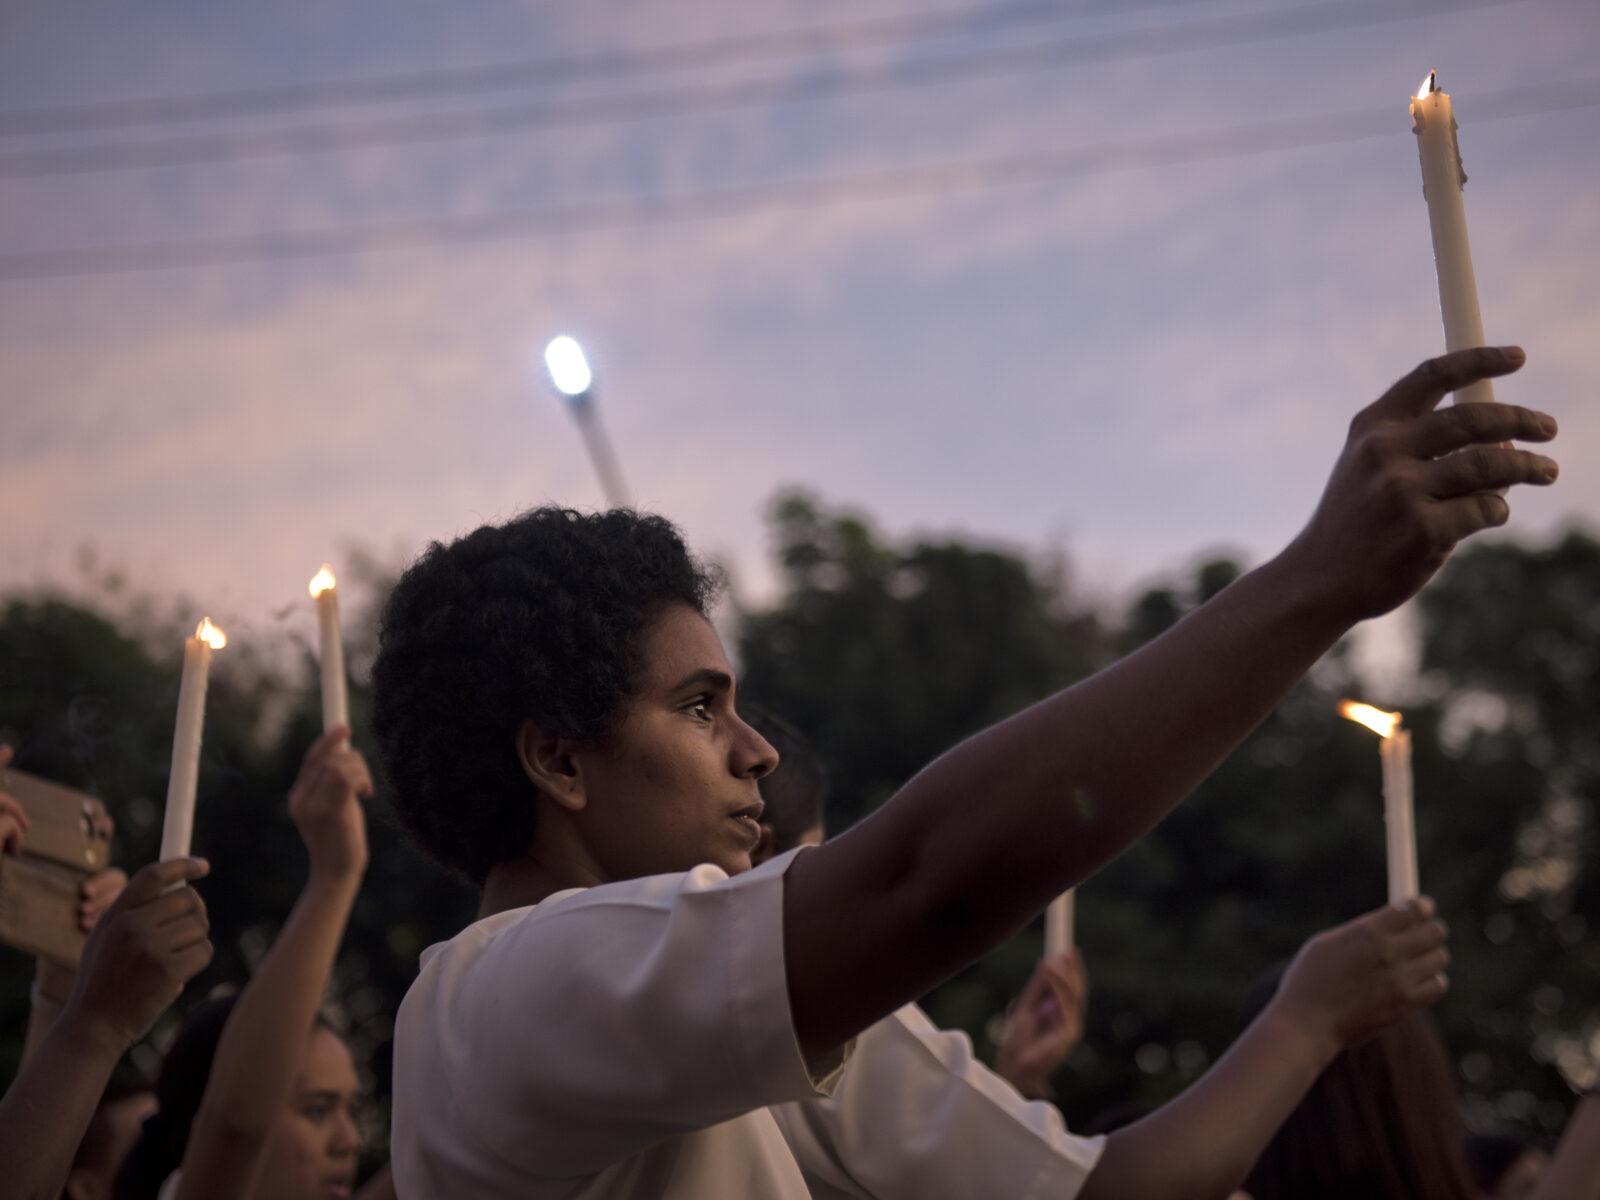 Manila, Filippinerna, Ljus, Kvinna, Duterte, Demonstration, Ljusmanifestation